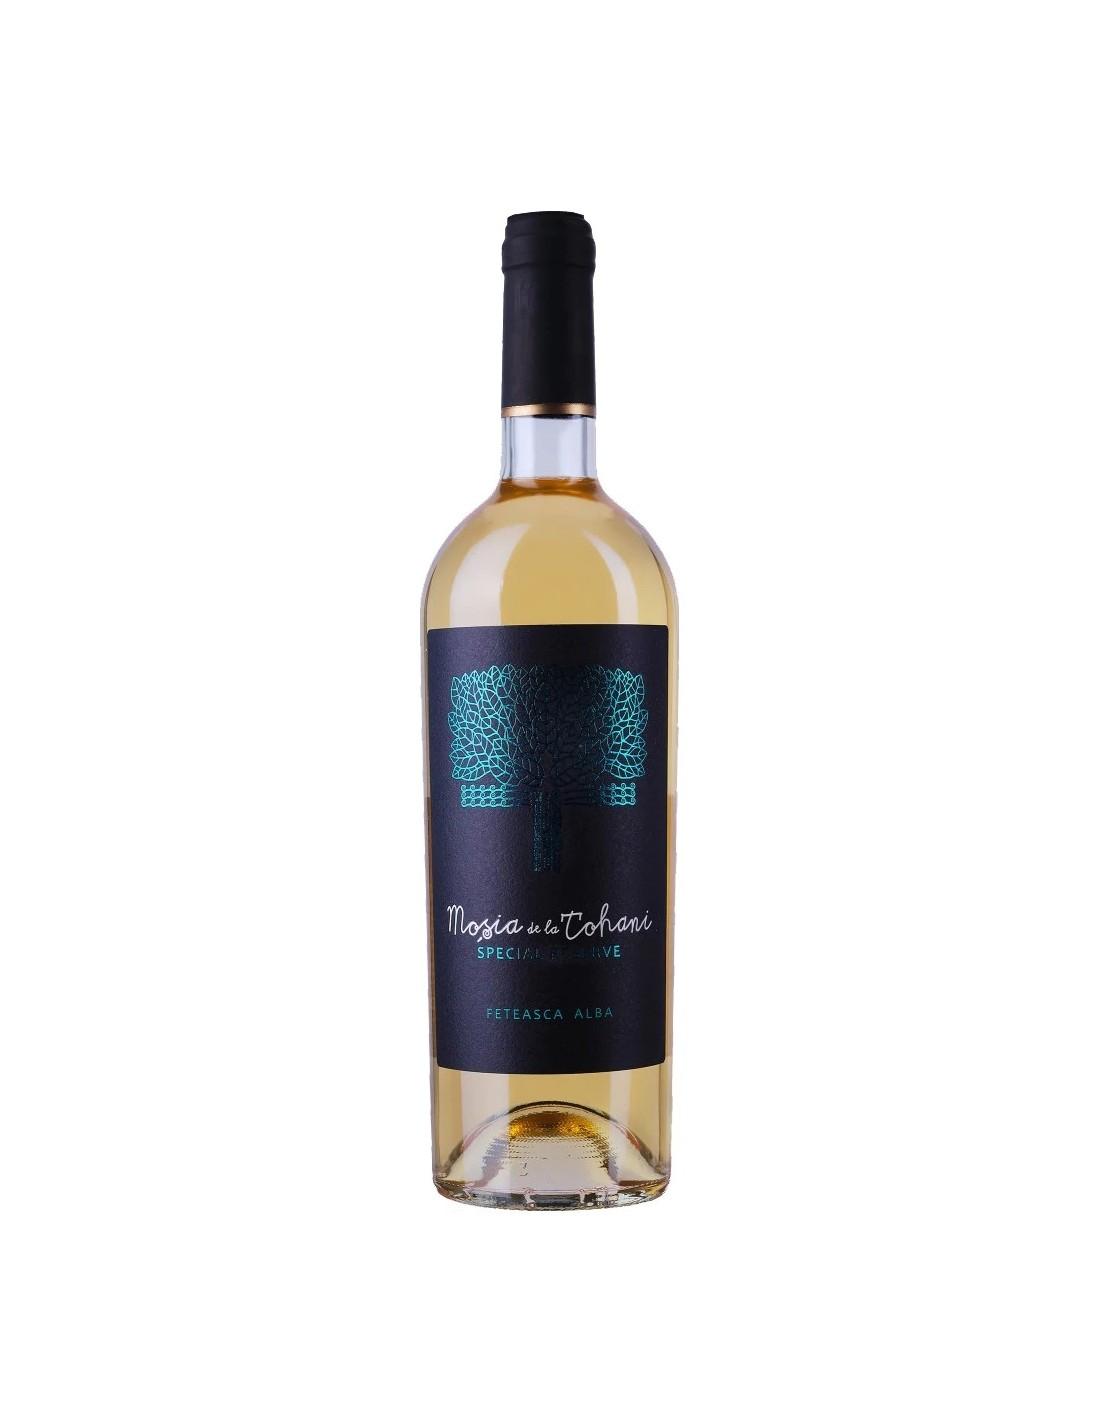 Vin alb demisec, Feteasca Alba, Mosia Tohani Special Reserve, 13.5% alc, 0.75L, Romania